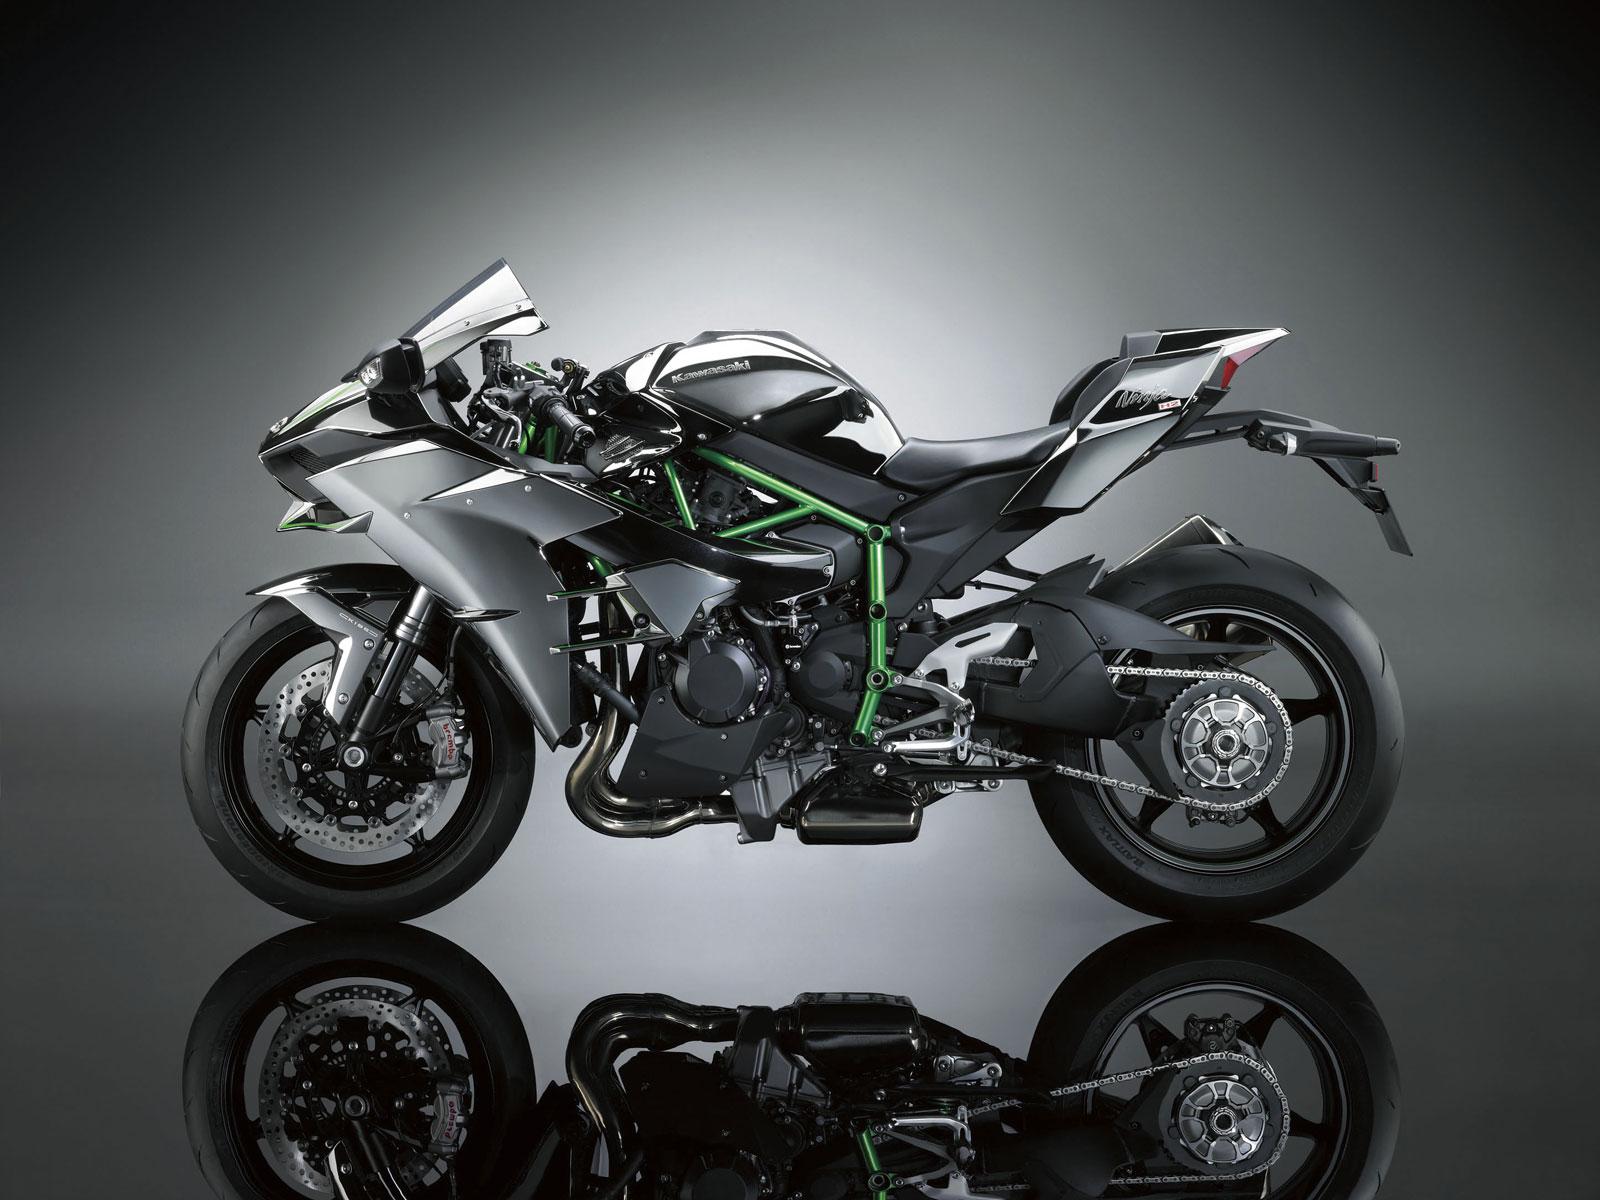 SCOOP! Kawasaki Ninja H2 will be priced at Rs. 28 lakh on-road